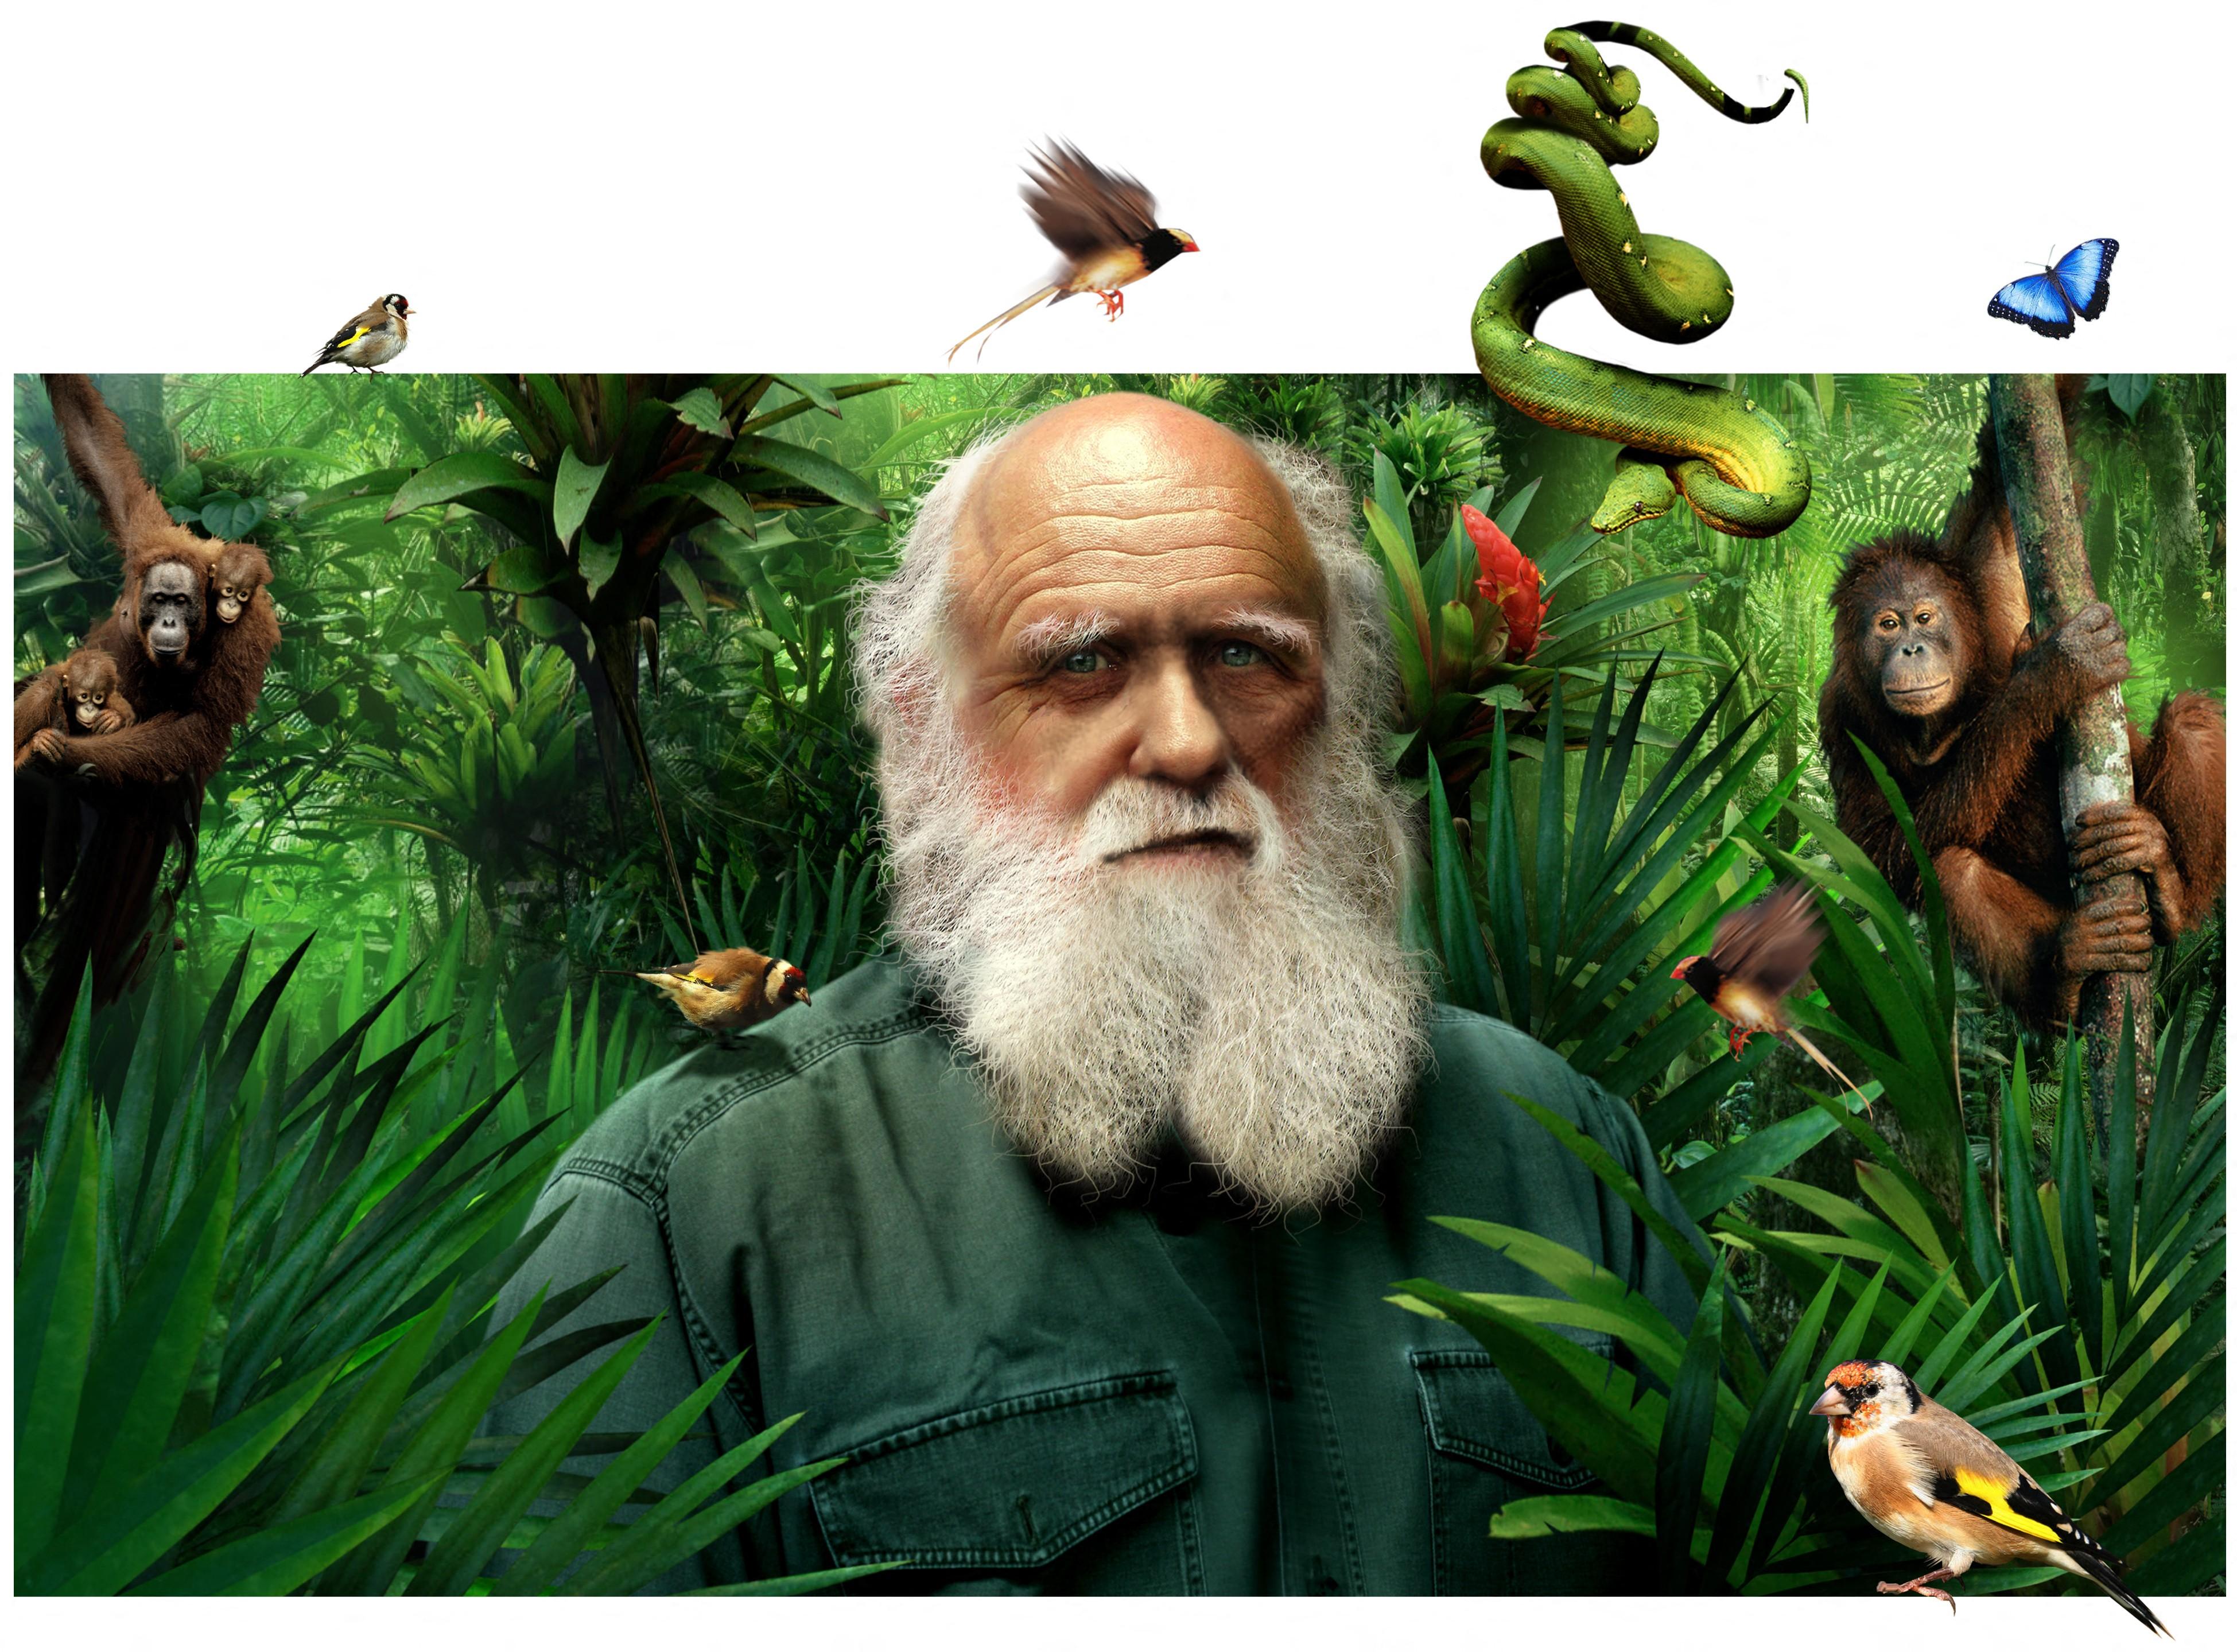 Történelmi mérföldkő: már az amerikaiak többsége is hisz az evolúcióban